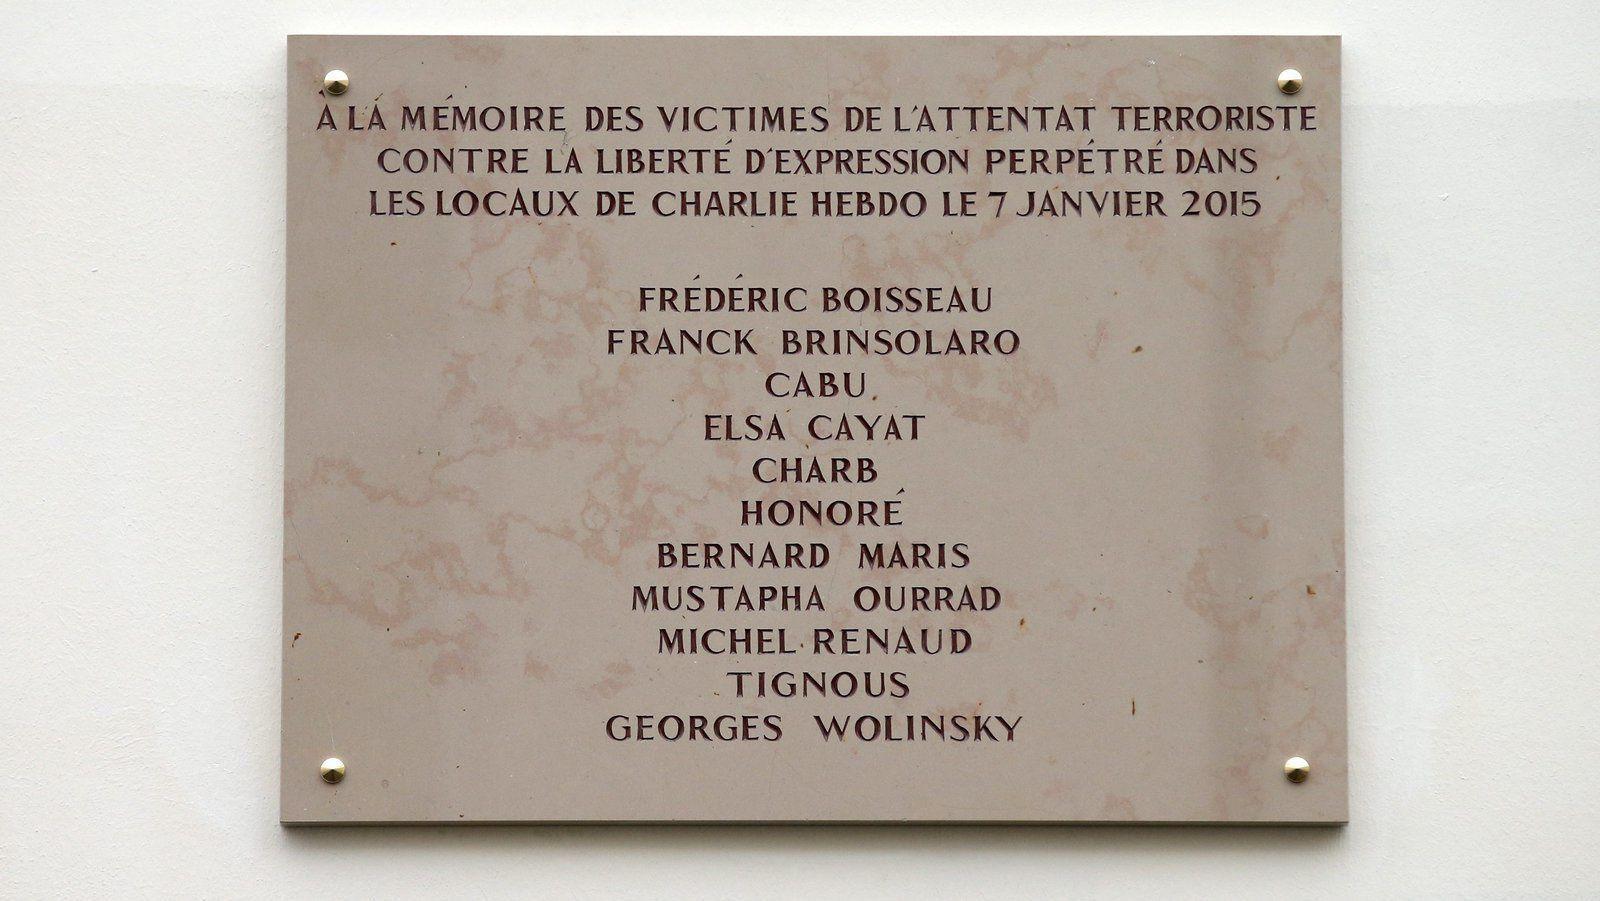 Légitime hommage aux victimes ou nécrophagie politique